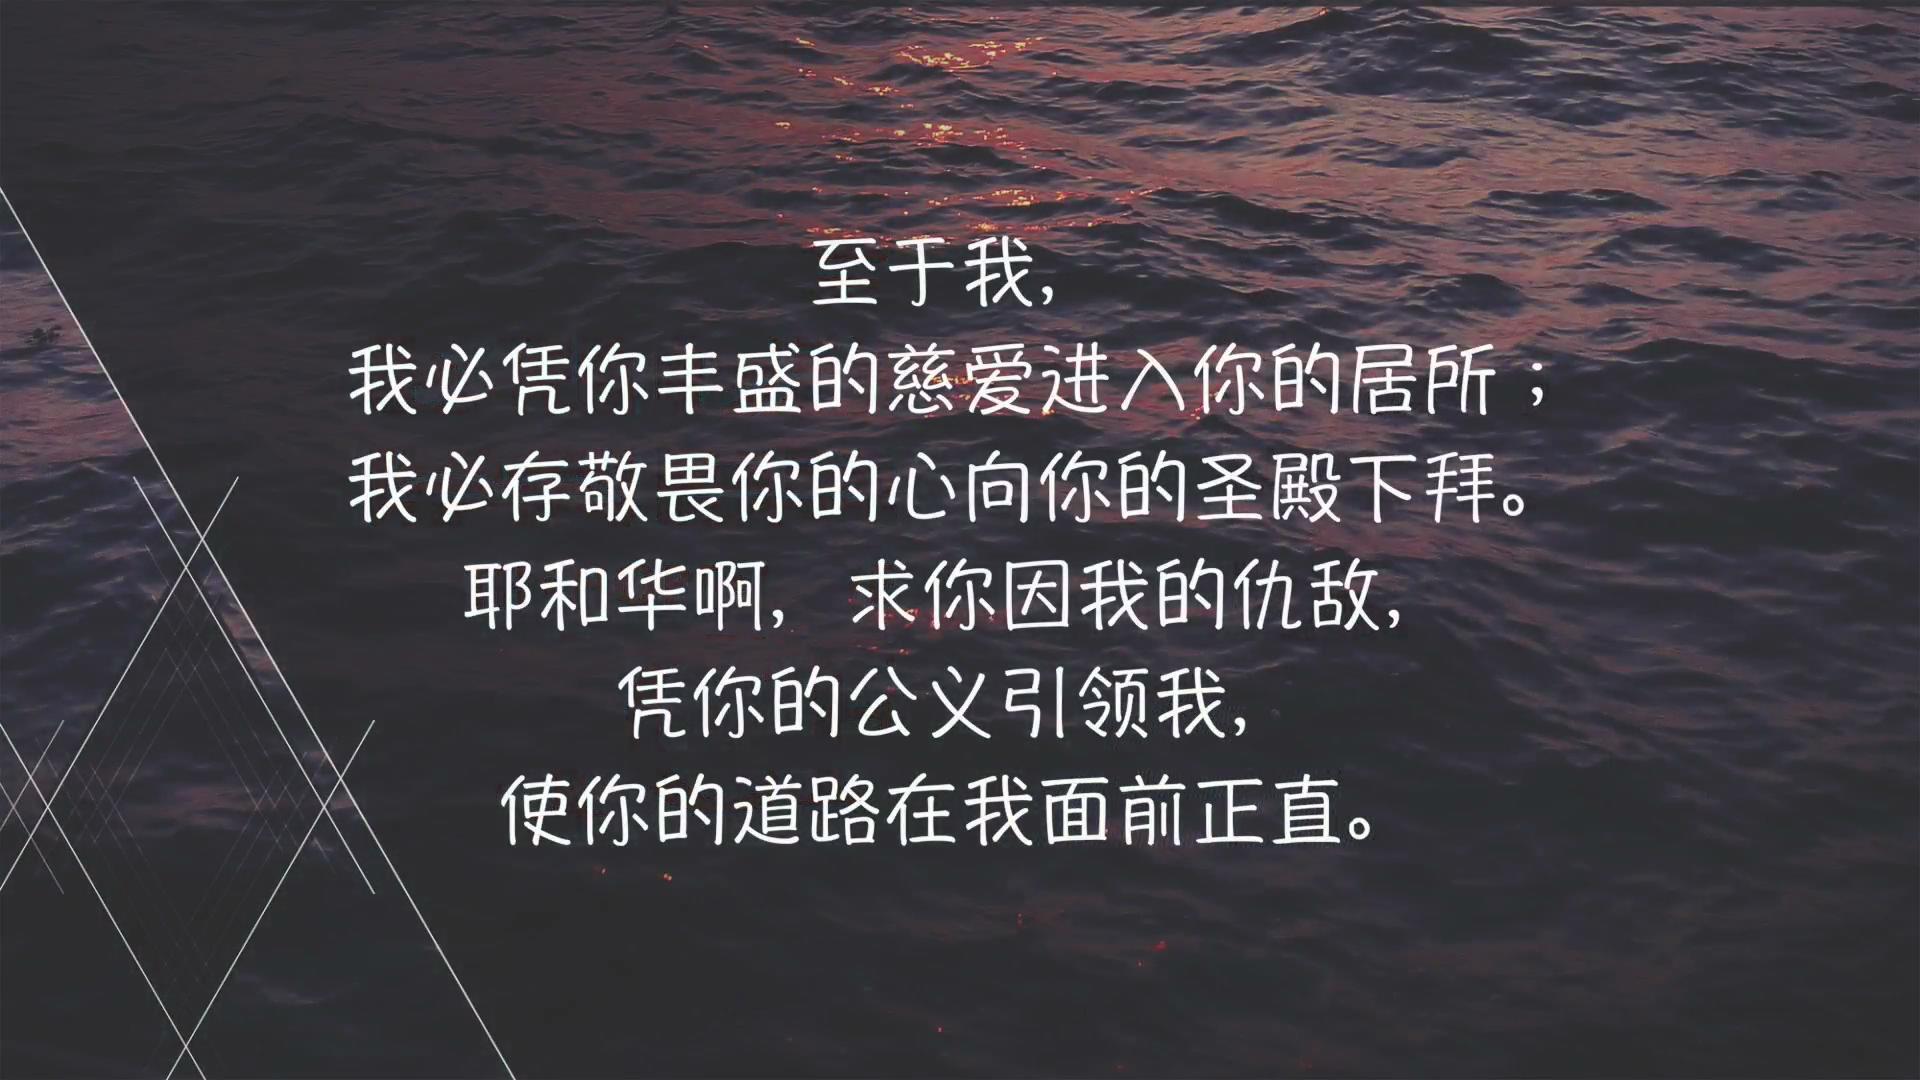 圣经三分钟 诗篇5续2_01_20180614223317.JPG